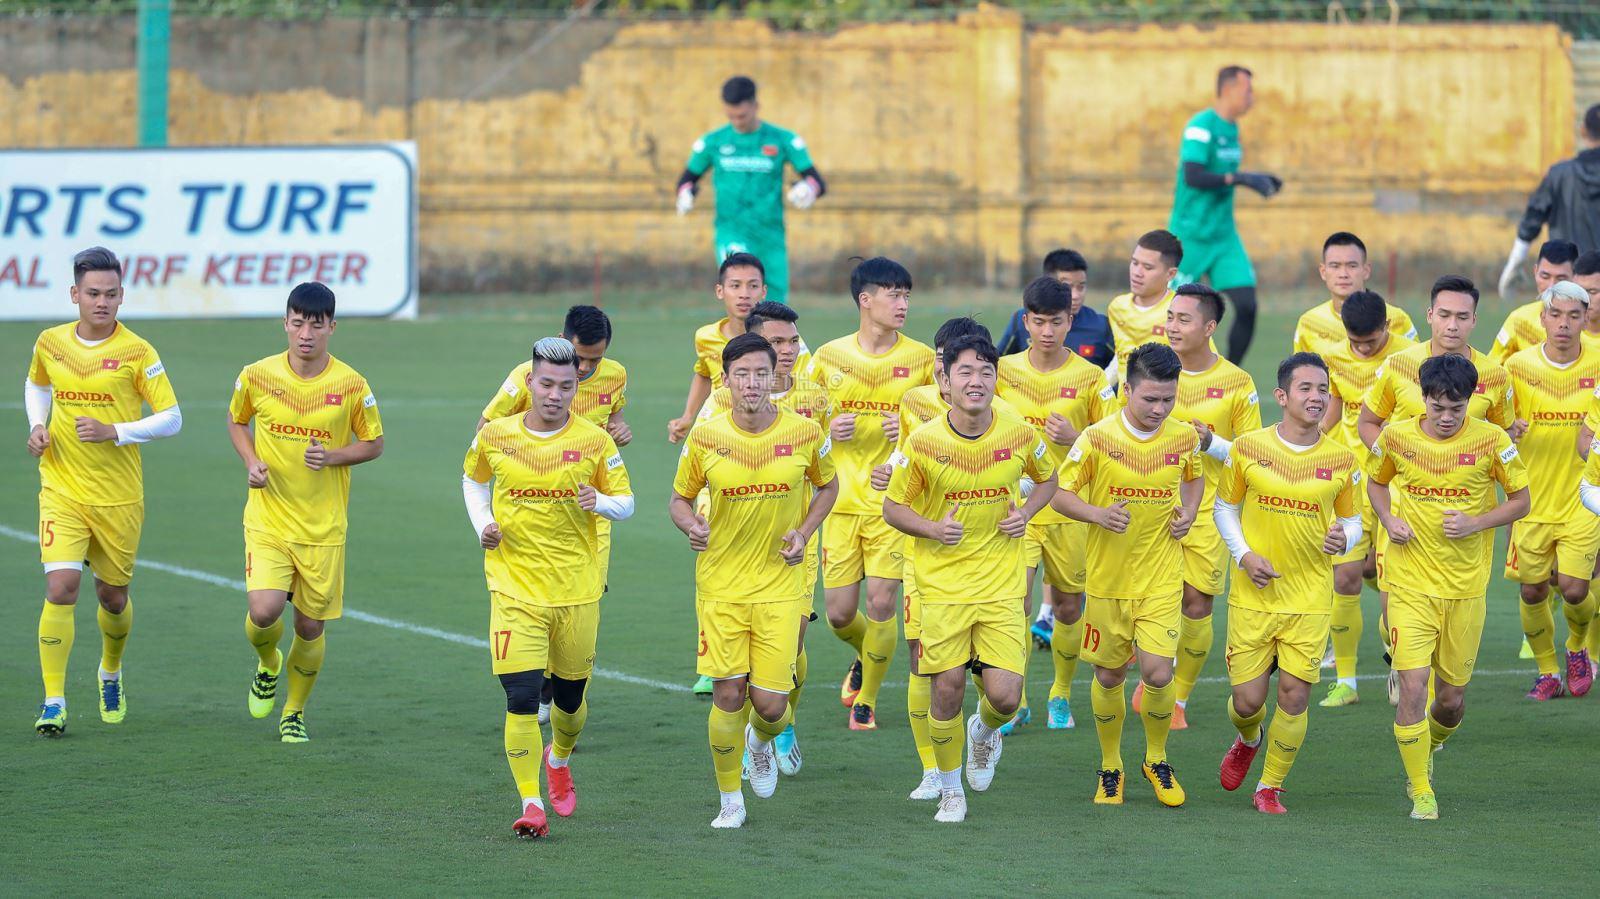 bóng đá Việt Nam, tin tức bóng đá, bong da, tin bong da, Quang Hải, Công Phượng, V League, lịch thi đấu V League 2021, DTVN, tuyển VN, Park Hang Seo